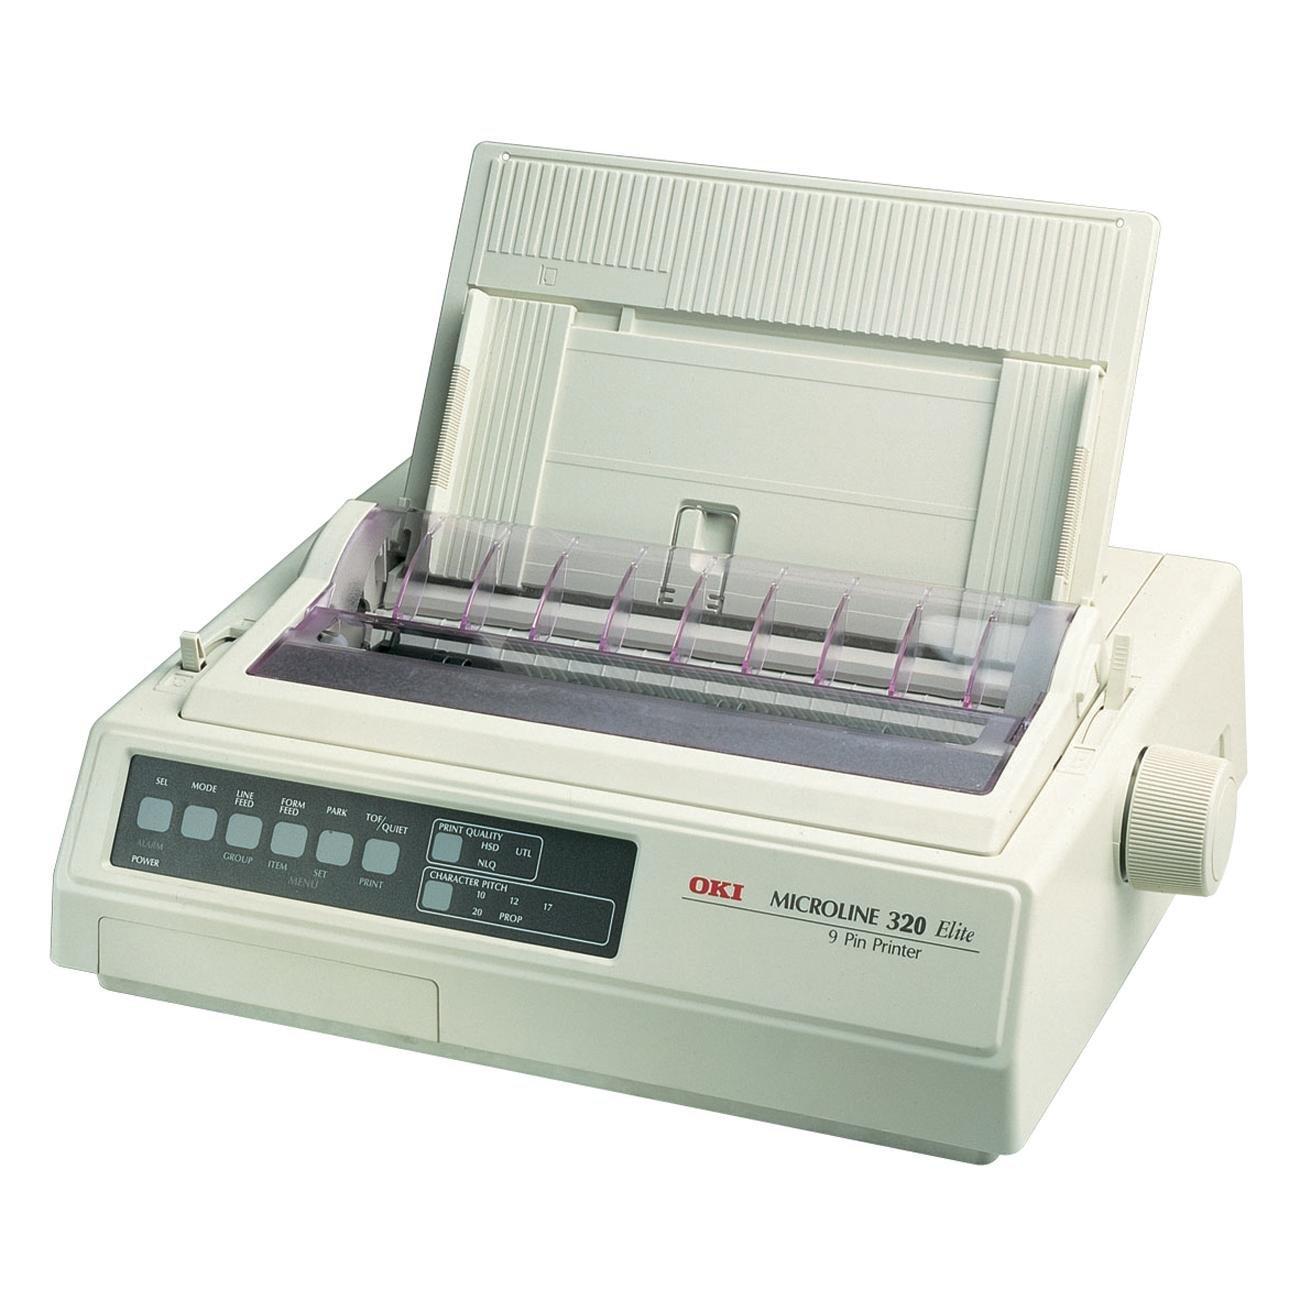 Máy in  OKI Microline 320 tinh nhuệ của máy in mạng tinh thể (240 x 216 độ phân giải, 398 x 345 X 1